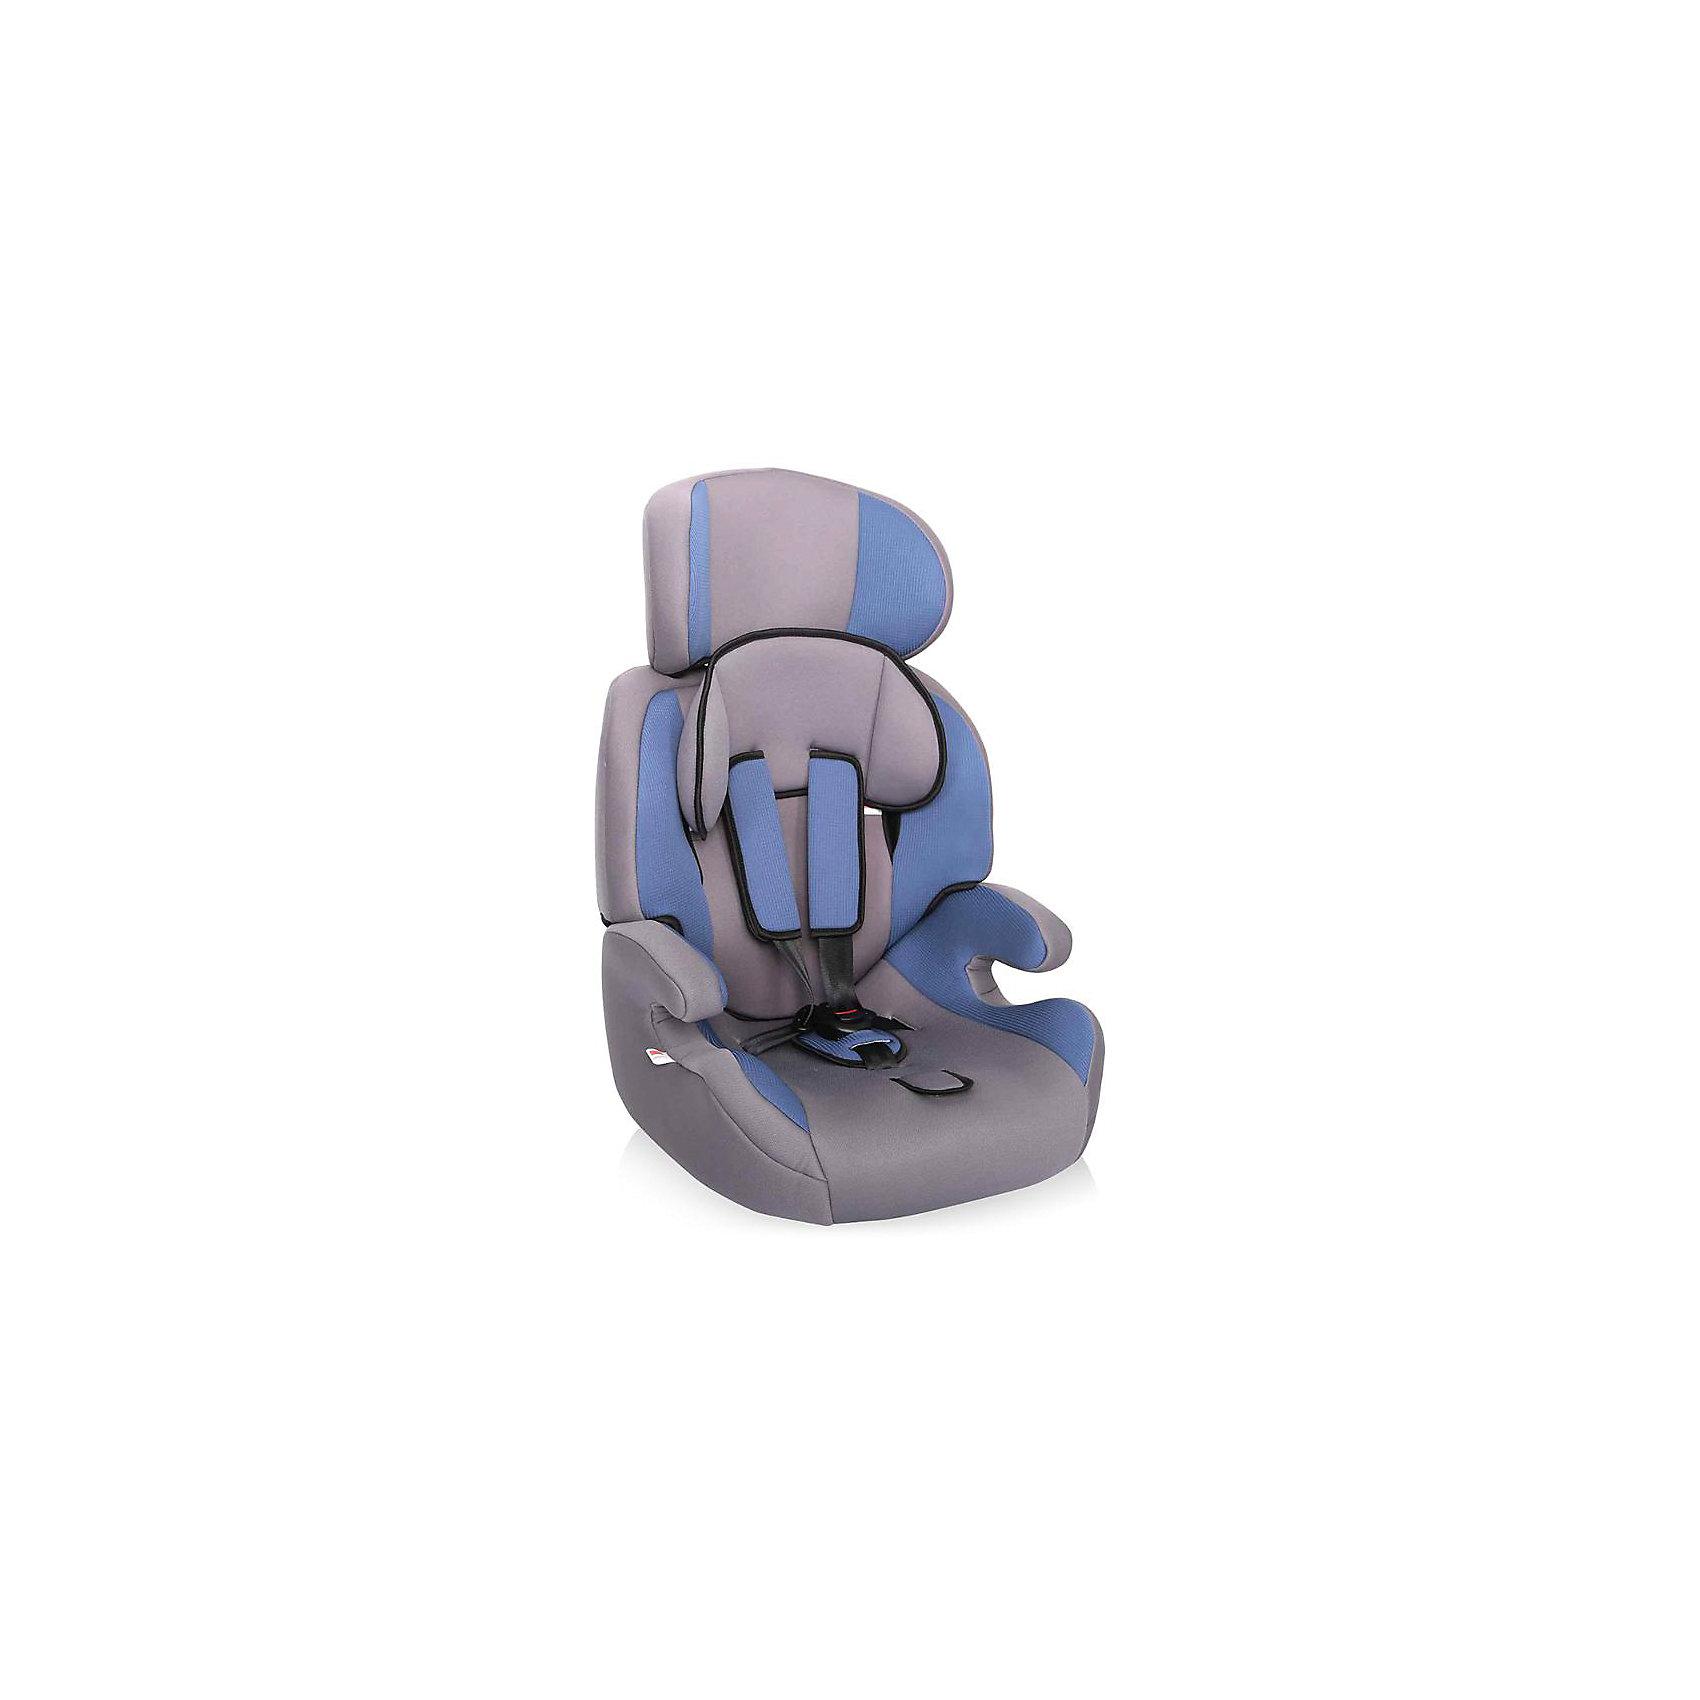 Автокресло Zlatek Fregat, 9-36 кг, синийГруппа 1-2-3 (От 9 до 36 кг)<br>Автокресло Fregat Zlatek выполнено в современном дизайне, который сочетает в себе эстетический внешний вид и функциональность. Модель кресла обеспечена надежной боковой защитой, при ее изготовлении использовались самые прочные ремни безопасности. Удобная ортопедическая спинка и мягкие накладки на внутренних ремнях обеспечат комфорт для Вашего малыша во время путешествия.<br><br>Дополнительная информация:<br><br>- Материал: текстиль, пластик, металл.<br>- Размер: 66x60x50 см<br>- Возраст: от 1 года до 12 лет<br>- Группа: 1/2/3 (9-36 кг)<br>- Вес кресла: 5.5 кг<br>- Внутренние 5-точечные ремни безопасности<br>- Регулировка подголовника по высоте<br><br>Автокресло Fregat, 9-36 кг., Zlatek, синий можно купить в нашем интернет-магазине.<br><br>Ширина мм: 600<br>Глубина мм: 500<br>Высота мм: 660<br>Вес г: 5500<br>Возраст от месяцев: 12<br>Возраст до месяцев: 144<br>Пол: Унисекс<br>Возраст: Детский<br>SKU: 4809137